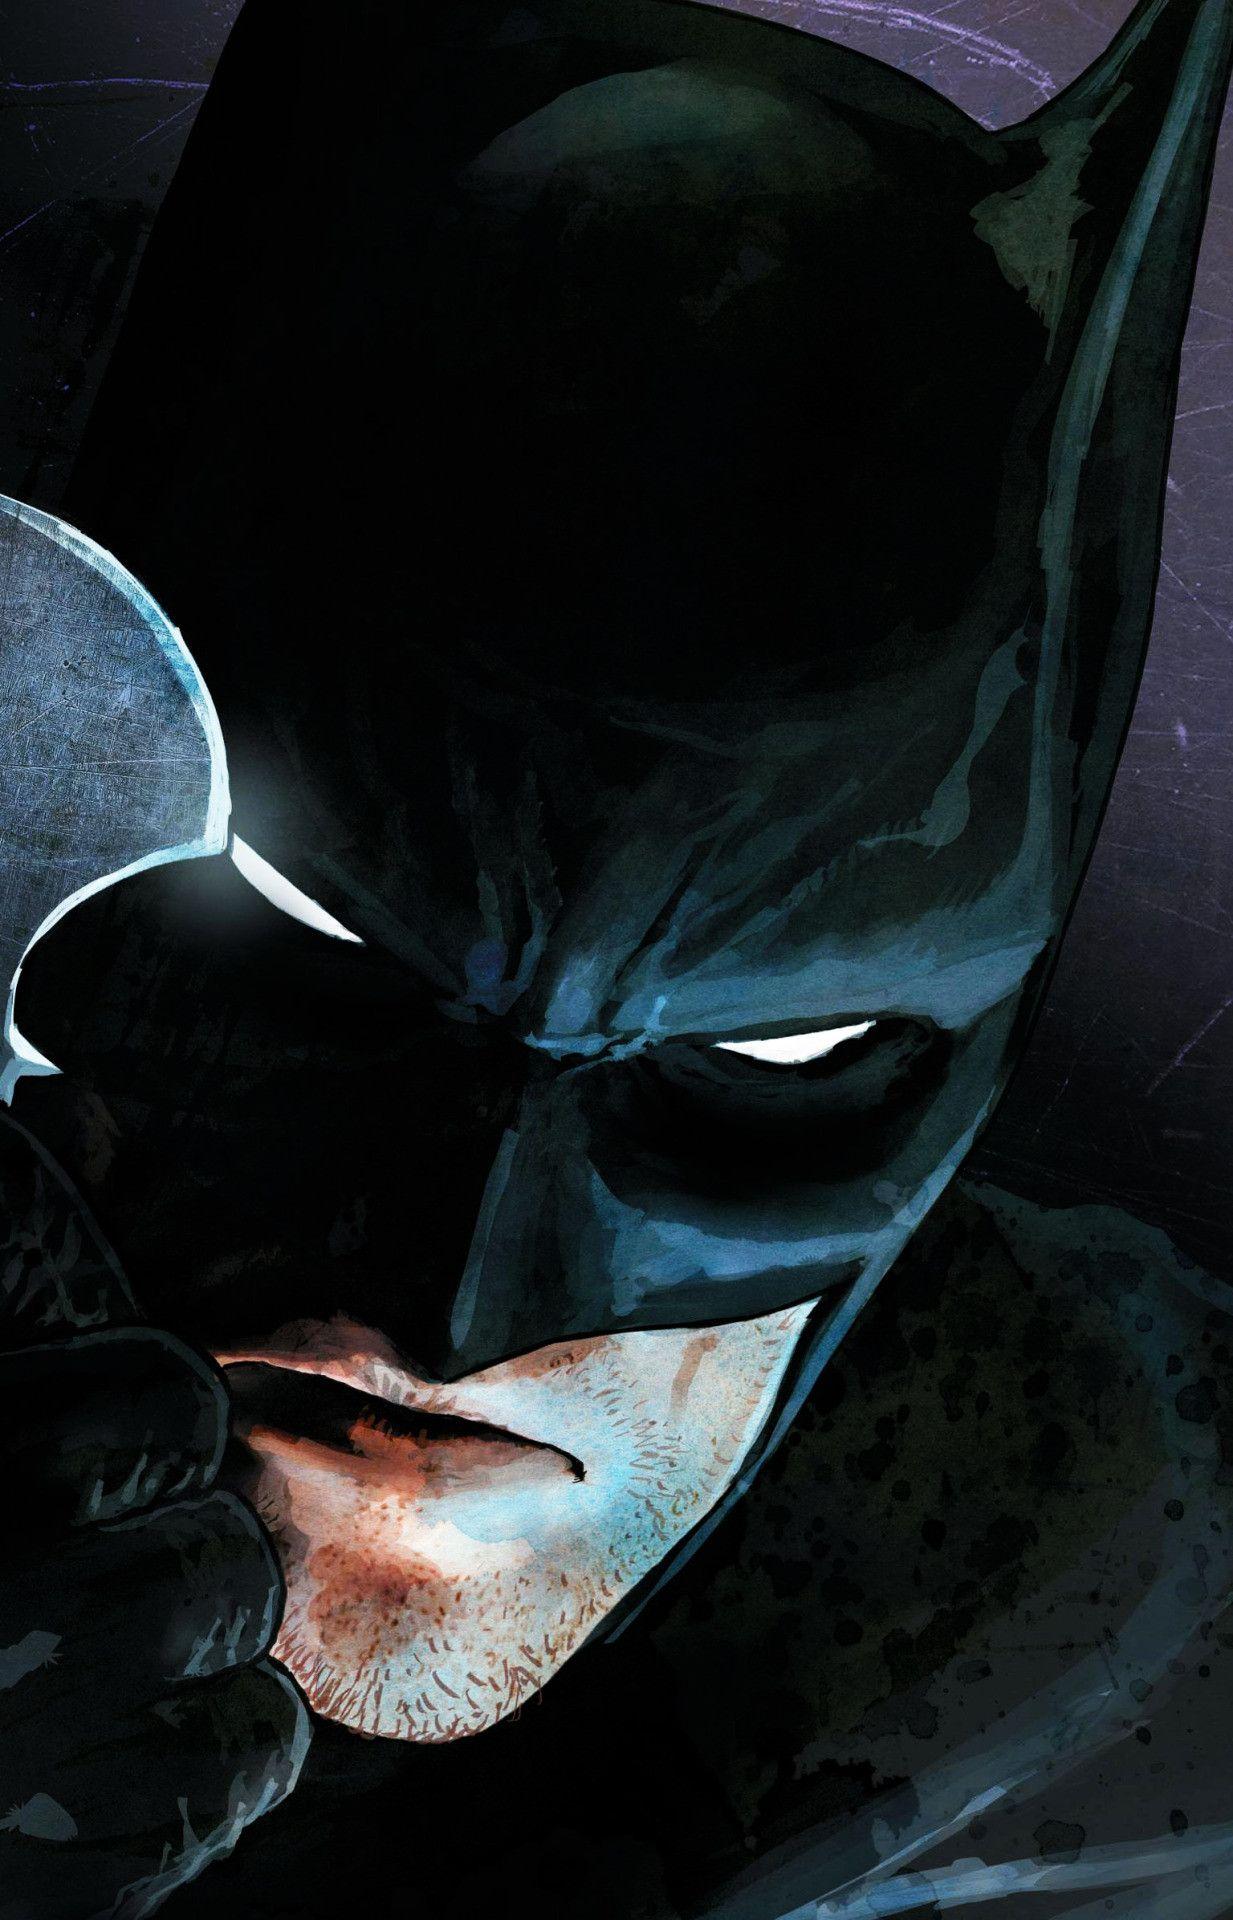 сегодняшний картинка задай мне вопрос с бэтменом является популярнейшей снастью